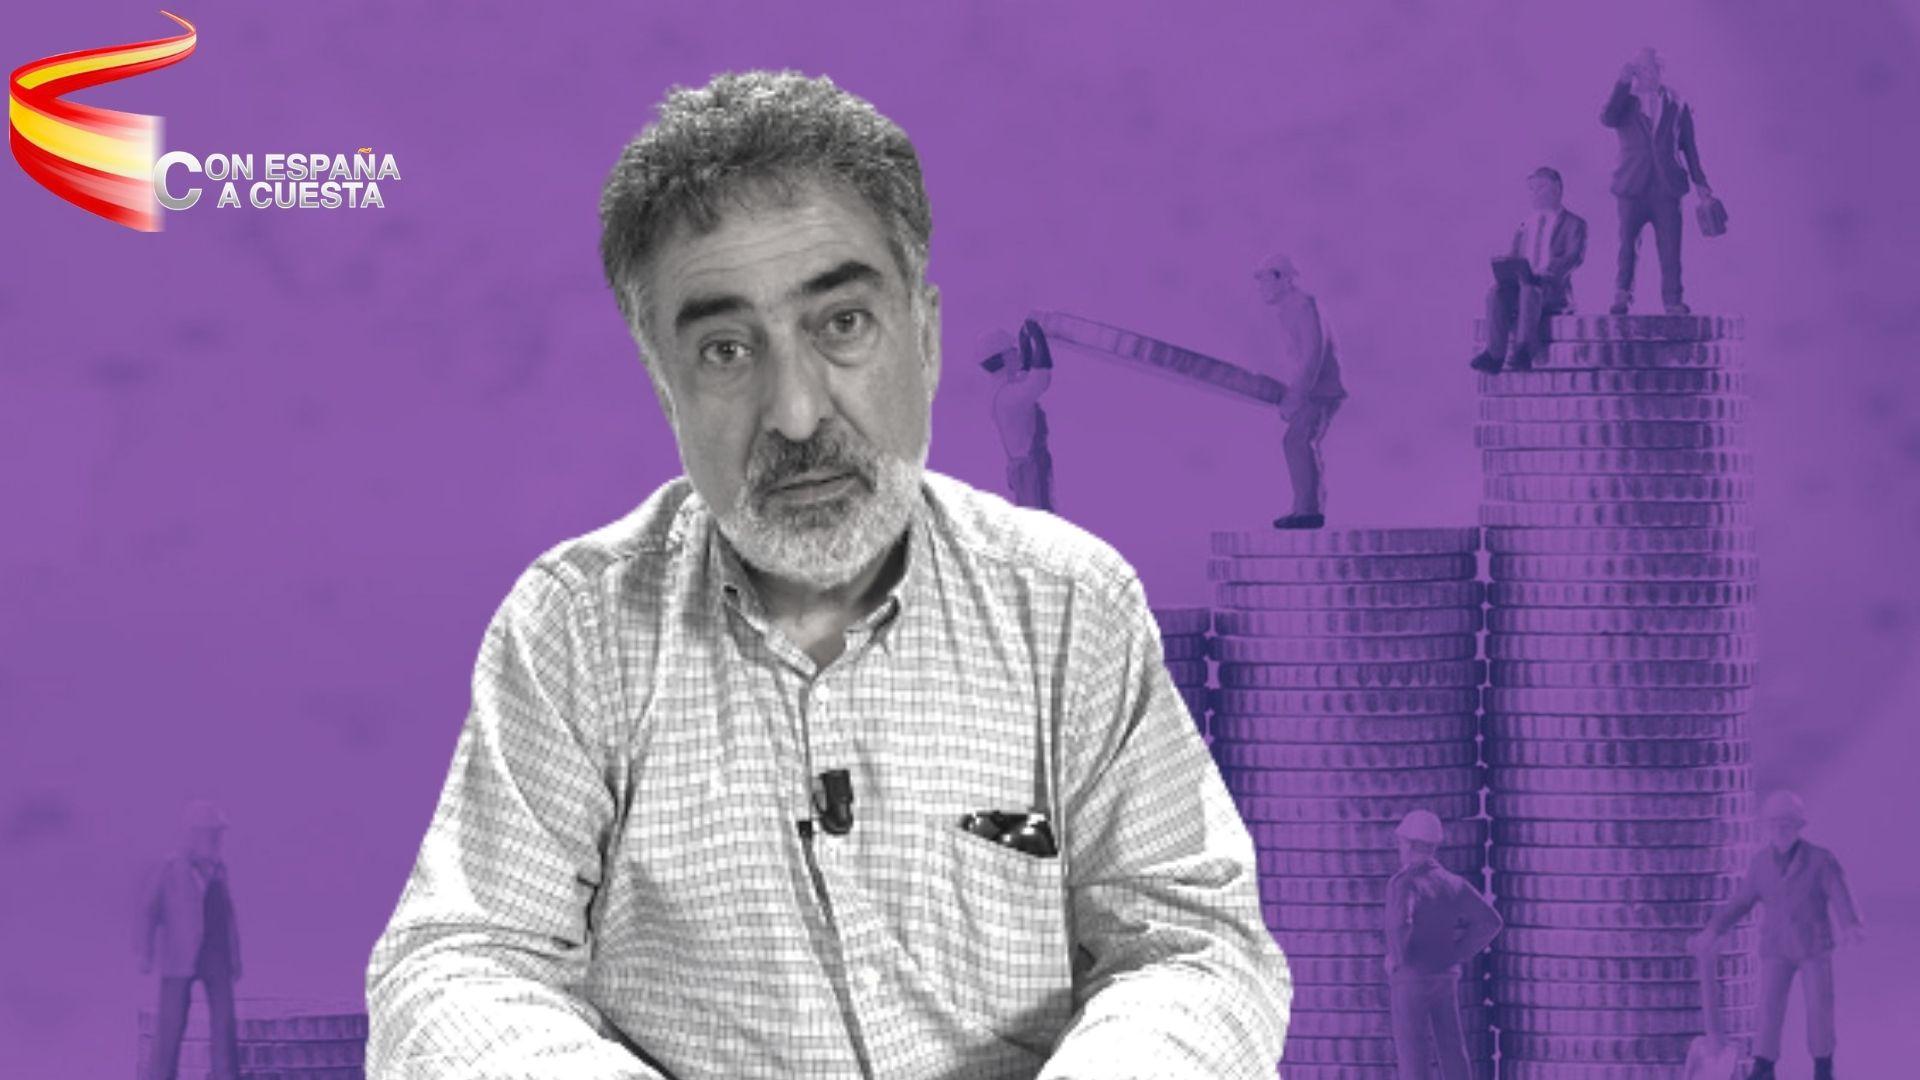 LUIS DEL PINO: ¡INFAME! TENEMOS EL IVA MÁS CARO DE EUROPA Y NOS SUBEN LOS IMPUESTOS